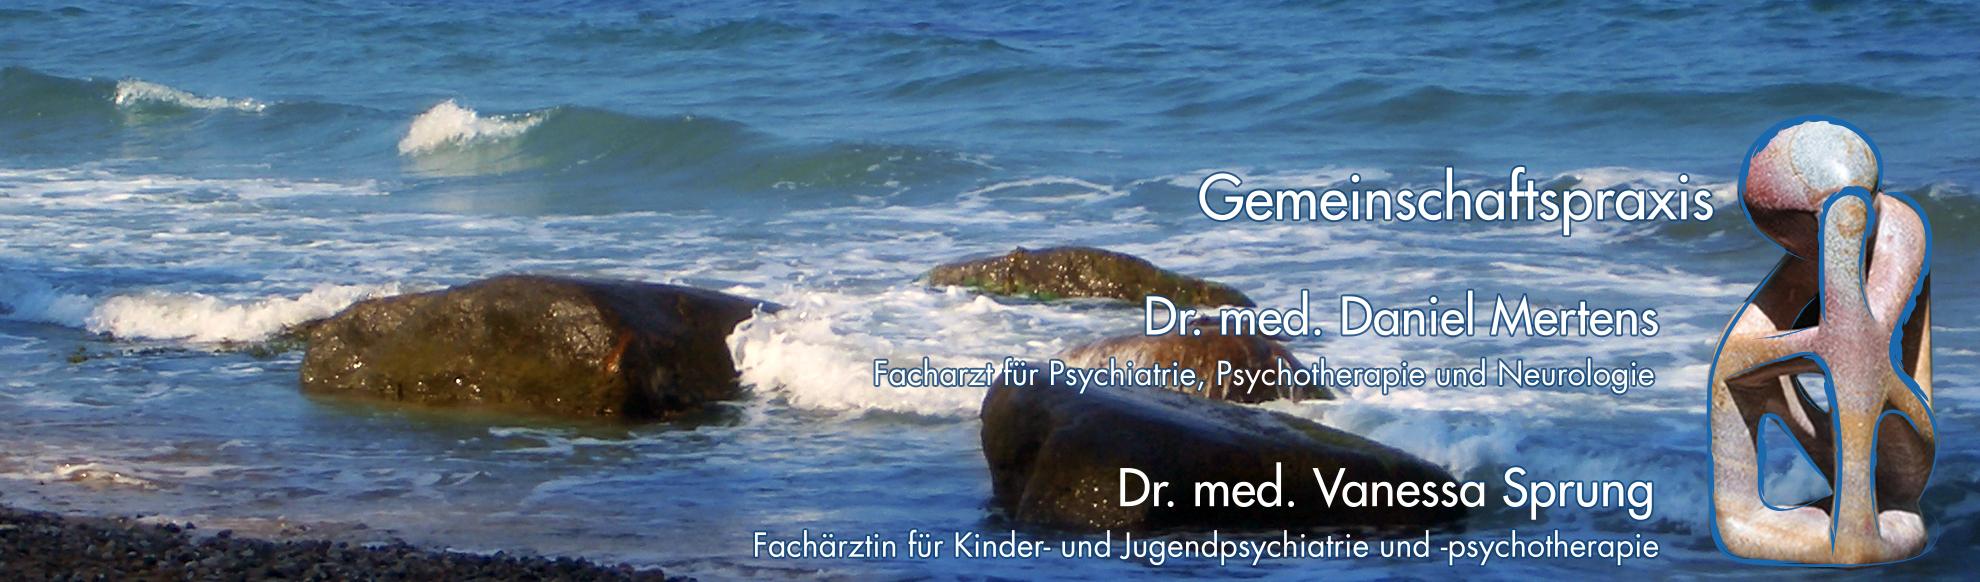 Gemeinschaftspraxis Dr. Daniel Mertens Facharzt für Psychiatrie Dr. Vanessa Sprung Fachärztin für Kinder- Jugendpsychiatrie